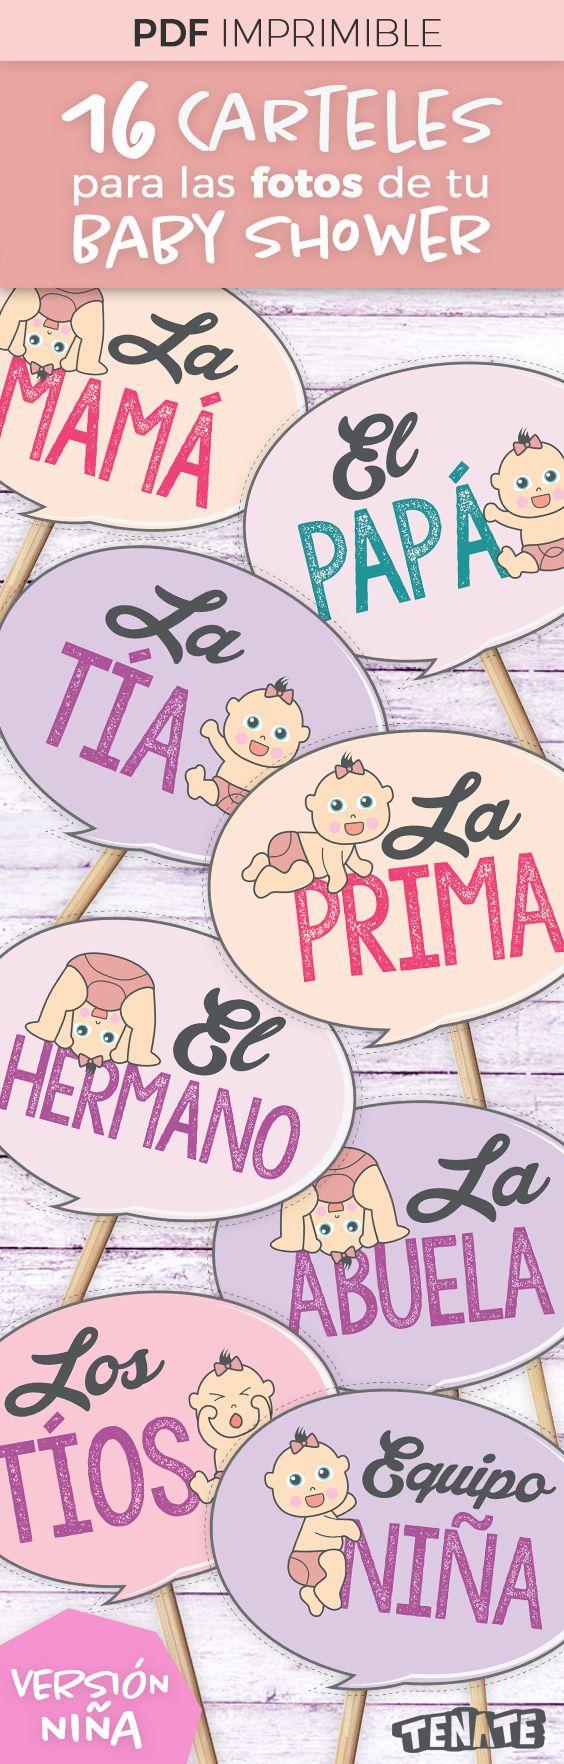 Baby Shower de Niña  Carteles / banners / letreros / photo booth Baby Shower. Son 16 carteles. ¡Con estos divertidos carteles involucra a la familia del bebé en tu Baby Shower! Después usa las fotos para crear un bonito álbum de recuerdos para el bebé.